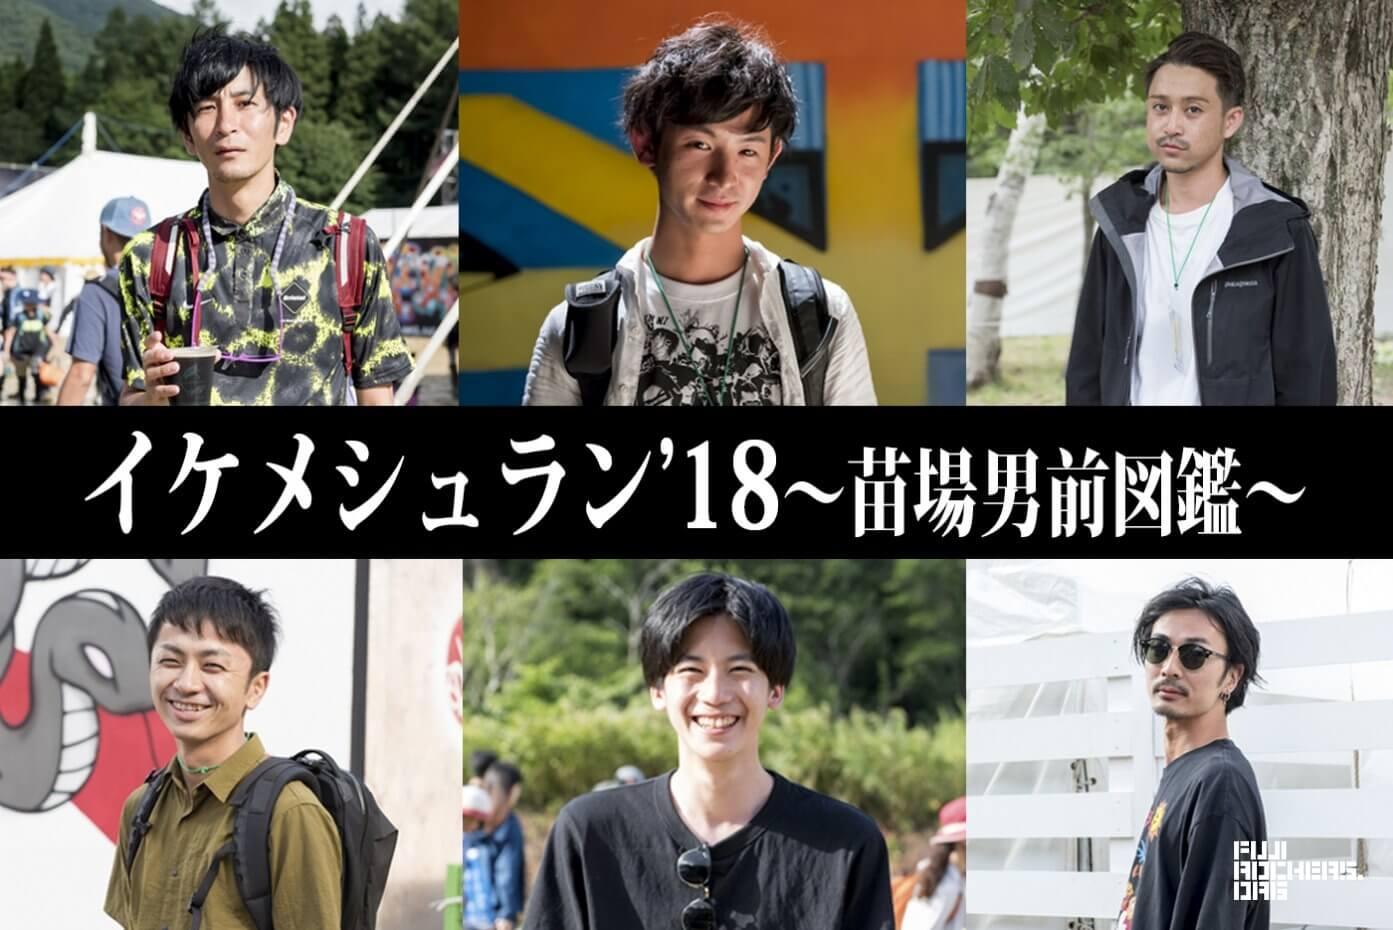 イケメシュラン'18〜苗場男前図鑑〜